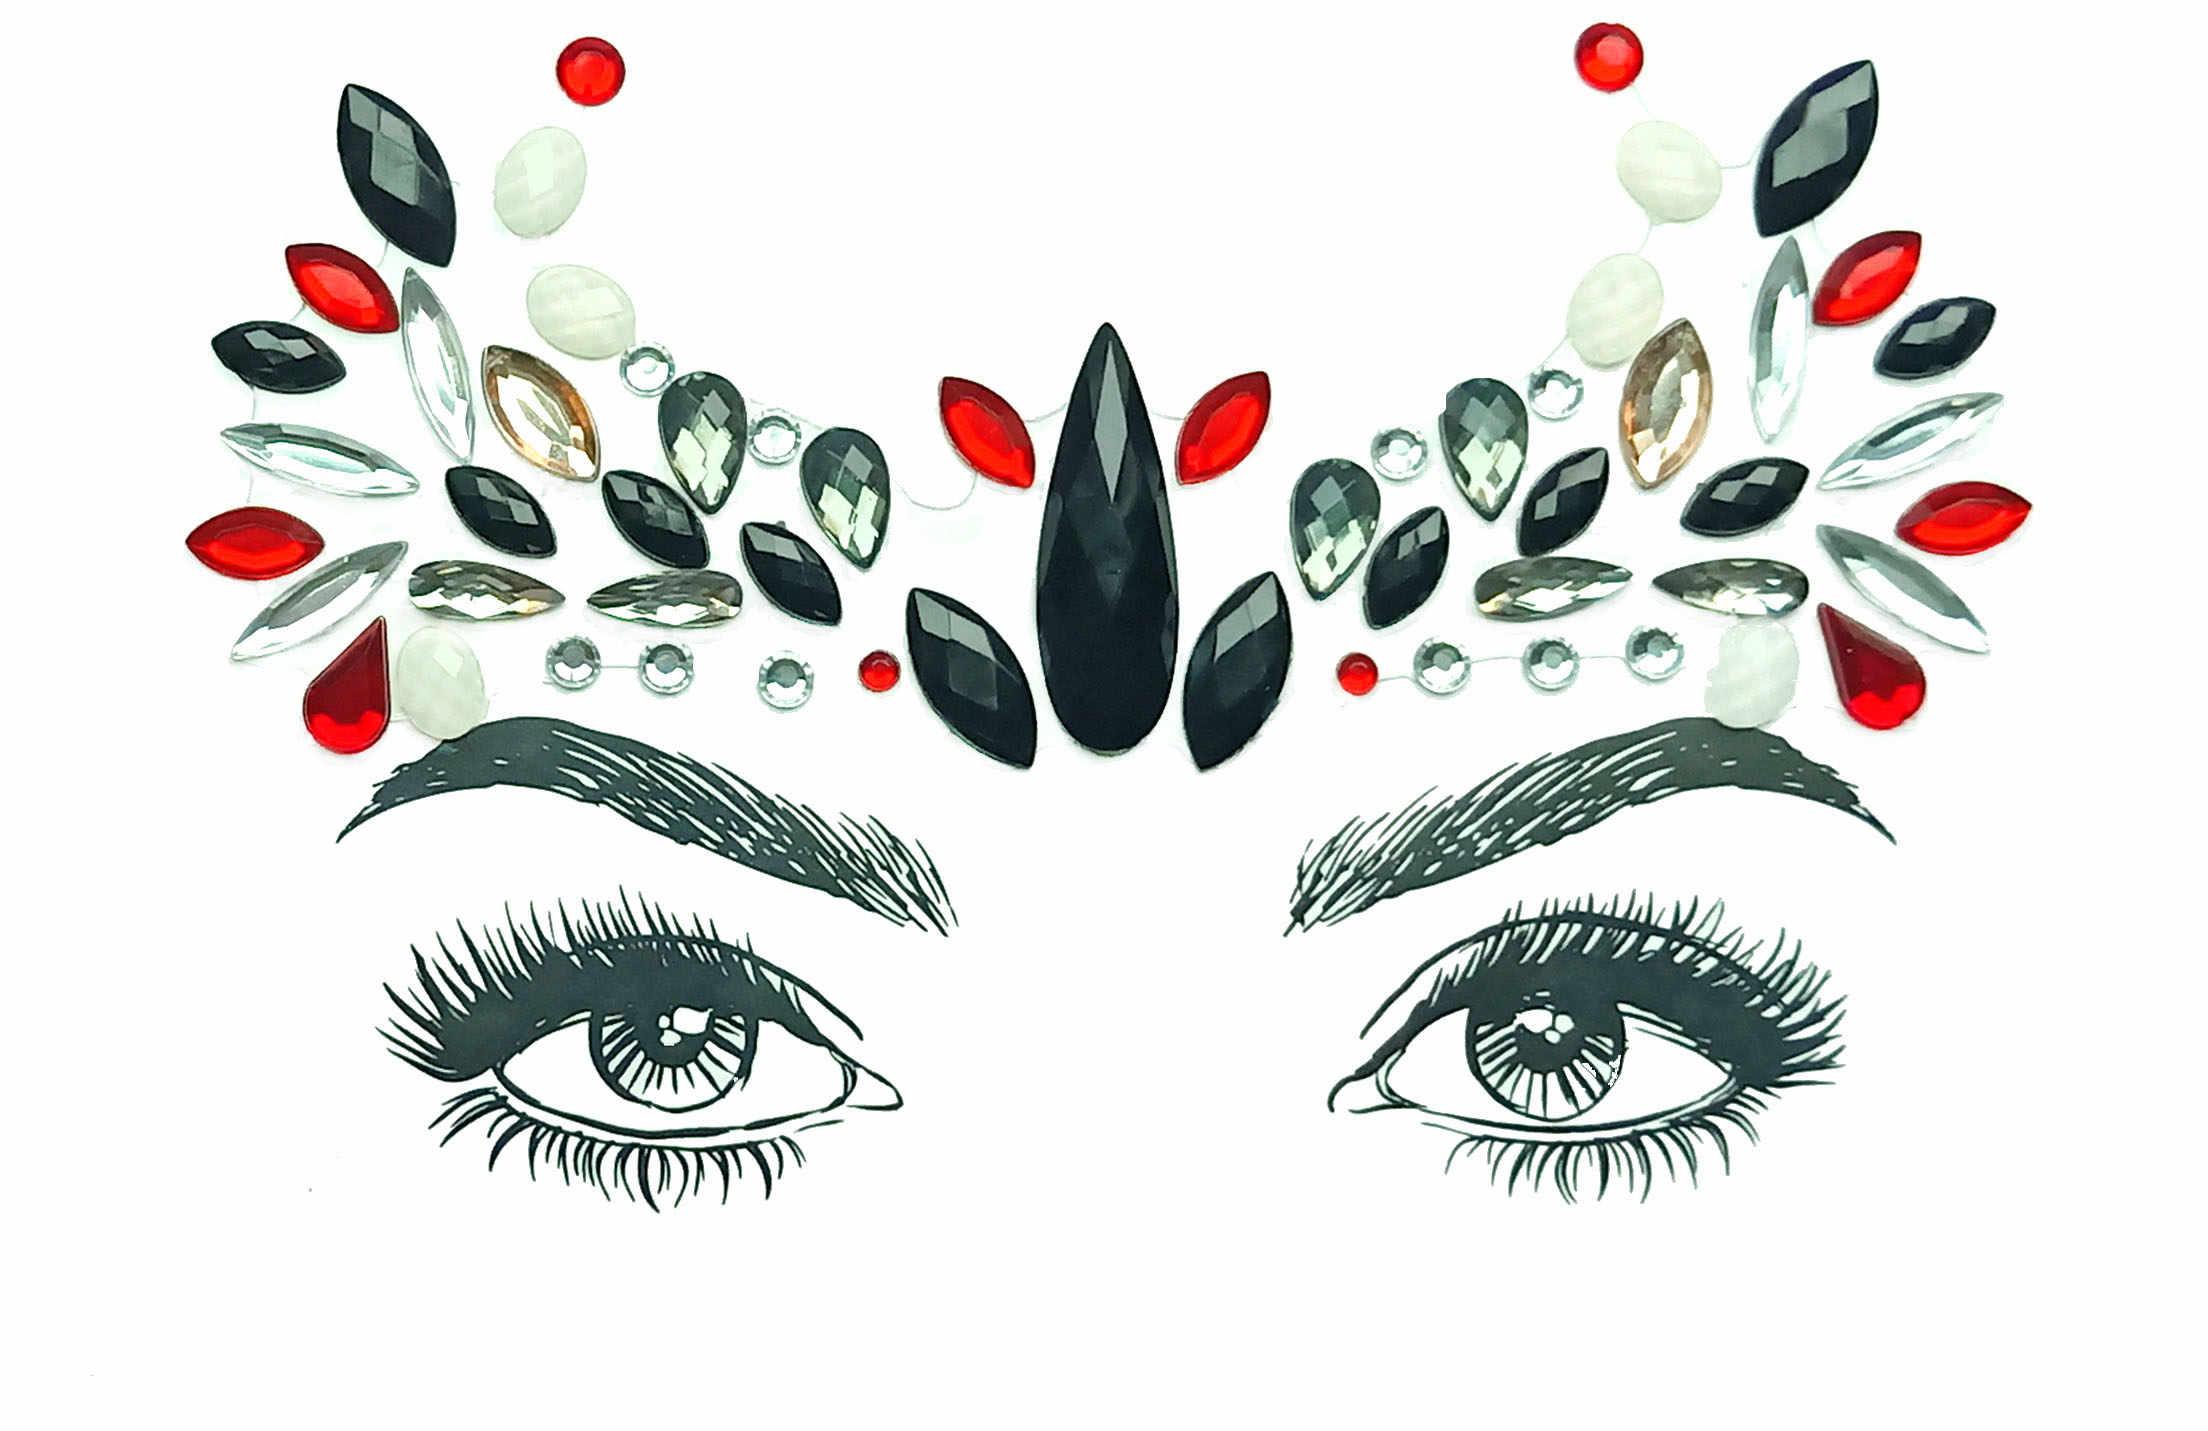 防水一時的なタトゥーステッカー顔宝石音楽祭パーティーメイクツールキラキラ顔クリスタルタトゥースティック女性のための